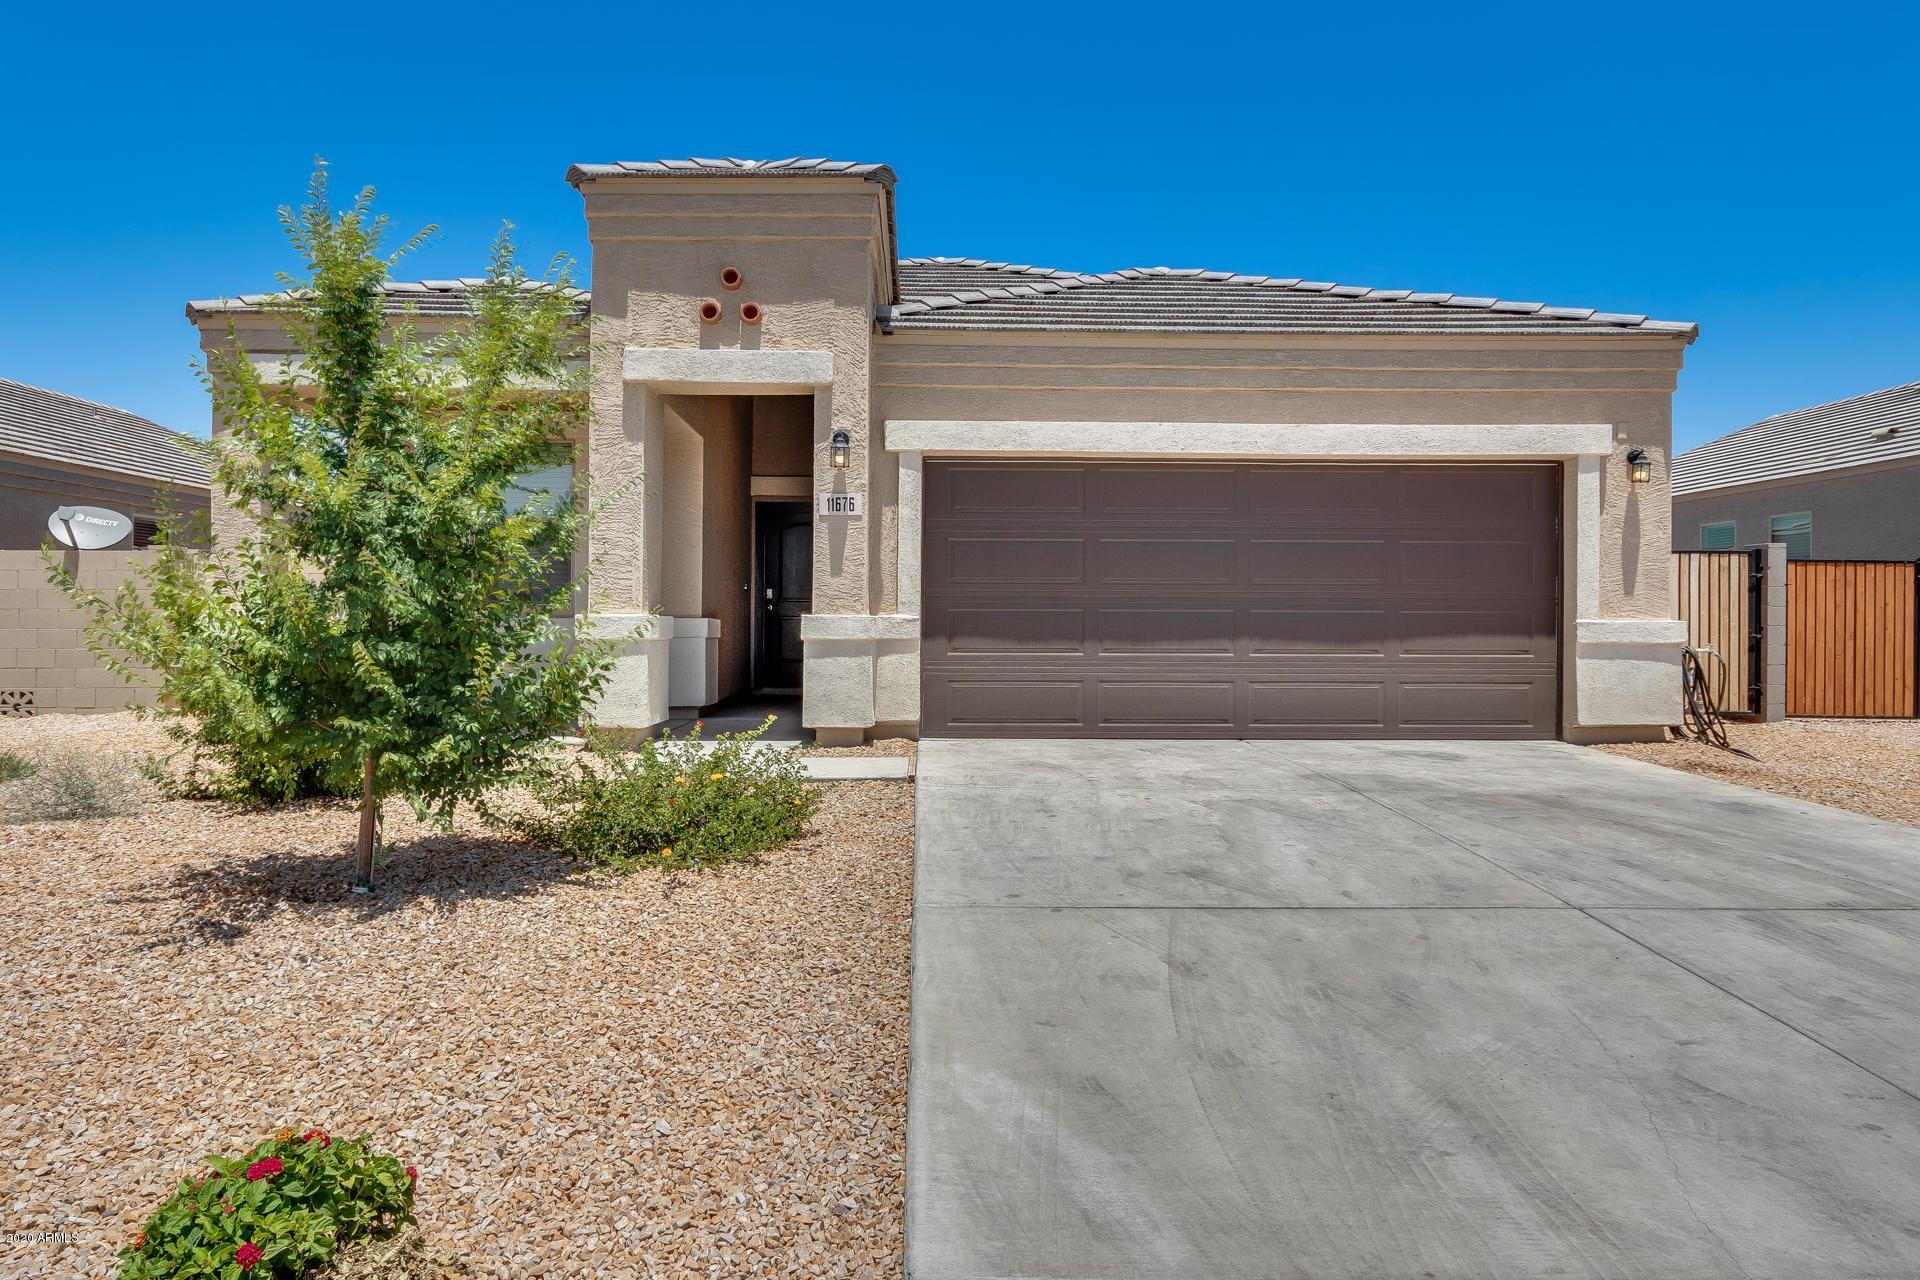 11676 E LUPINE Lane, Florence, AZ 85132 - MLS#: 6096025